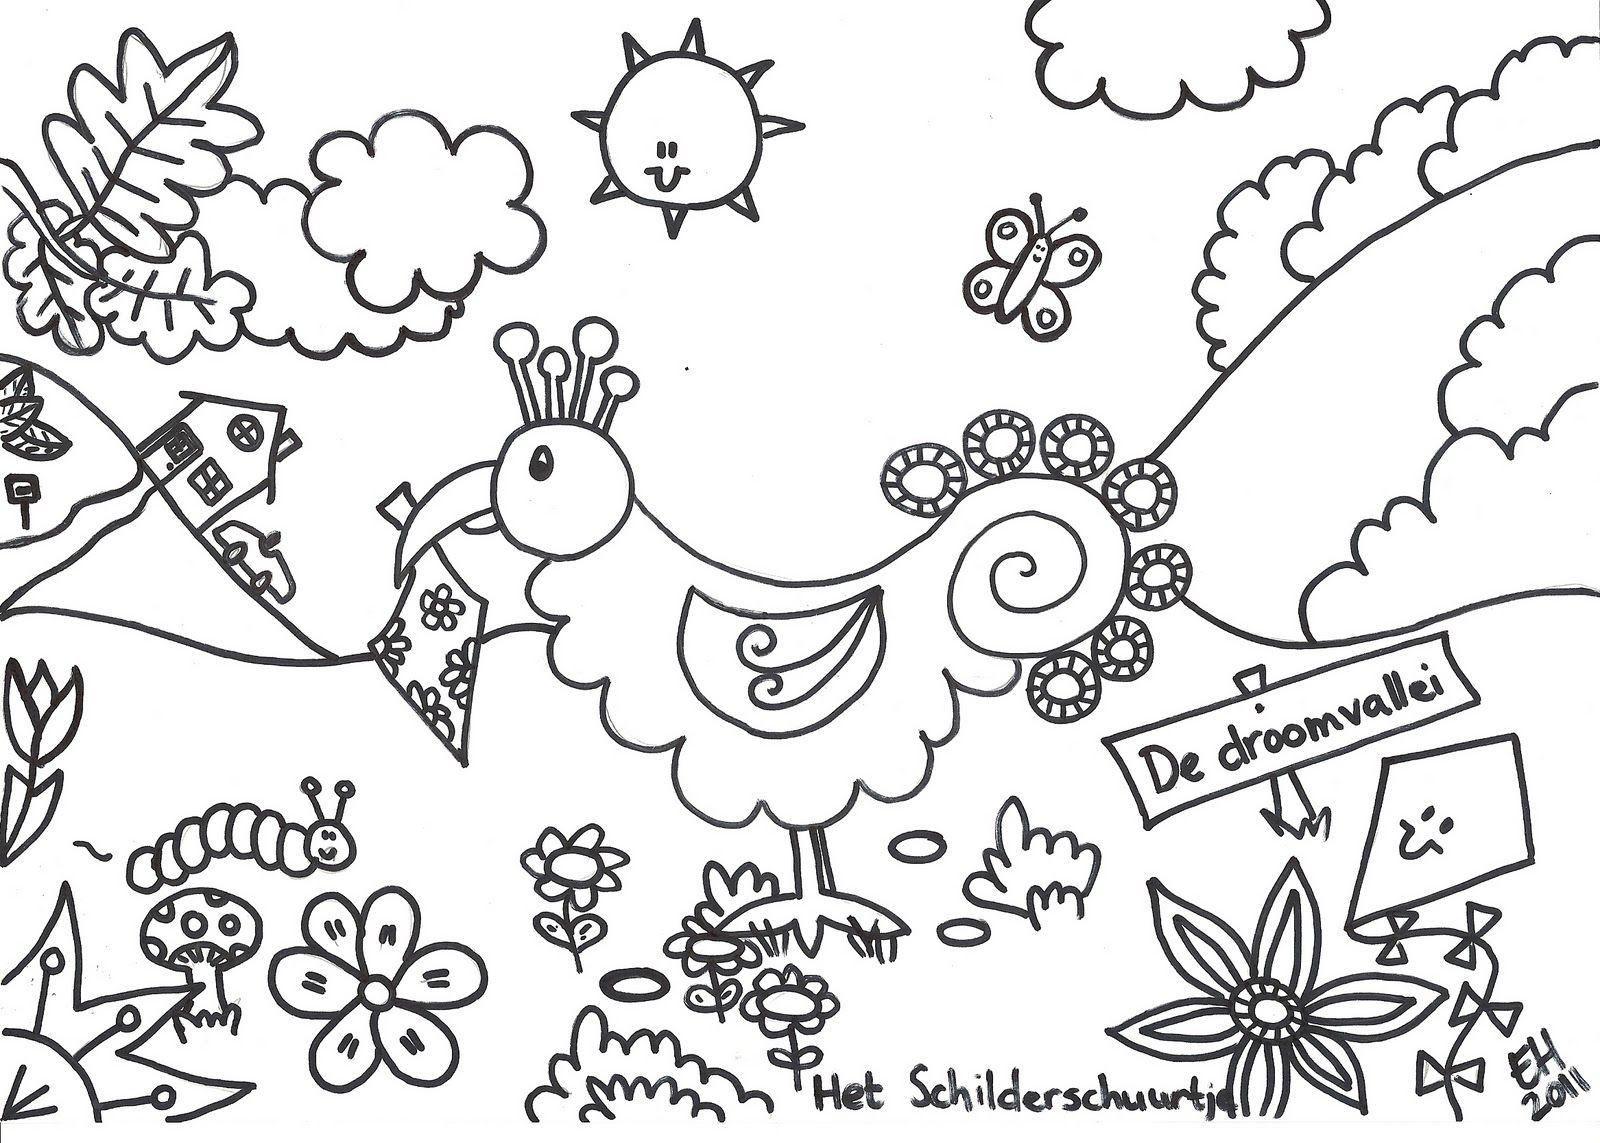 Droomvallei Droomvogel Dream Bird Kleurplaten Kleuren Mandala